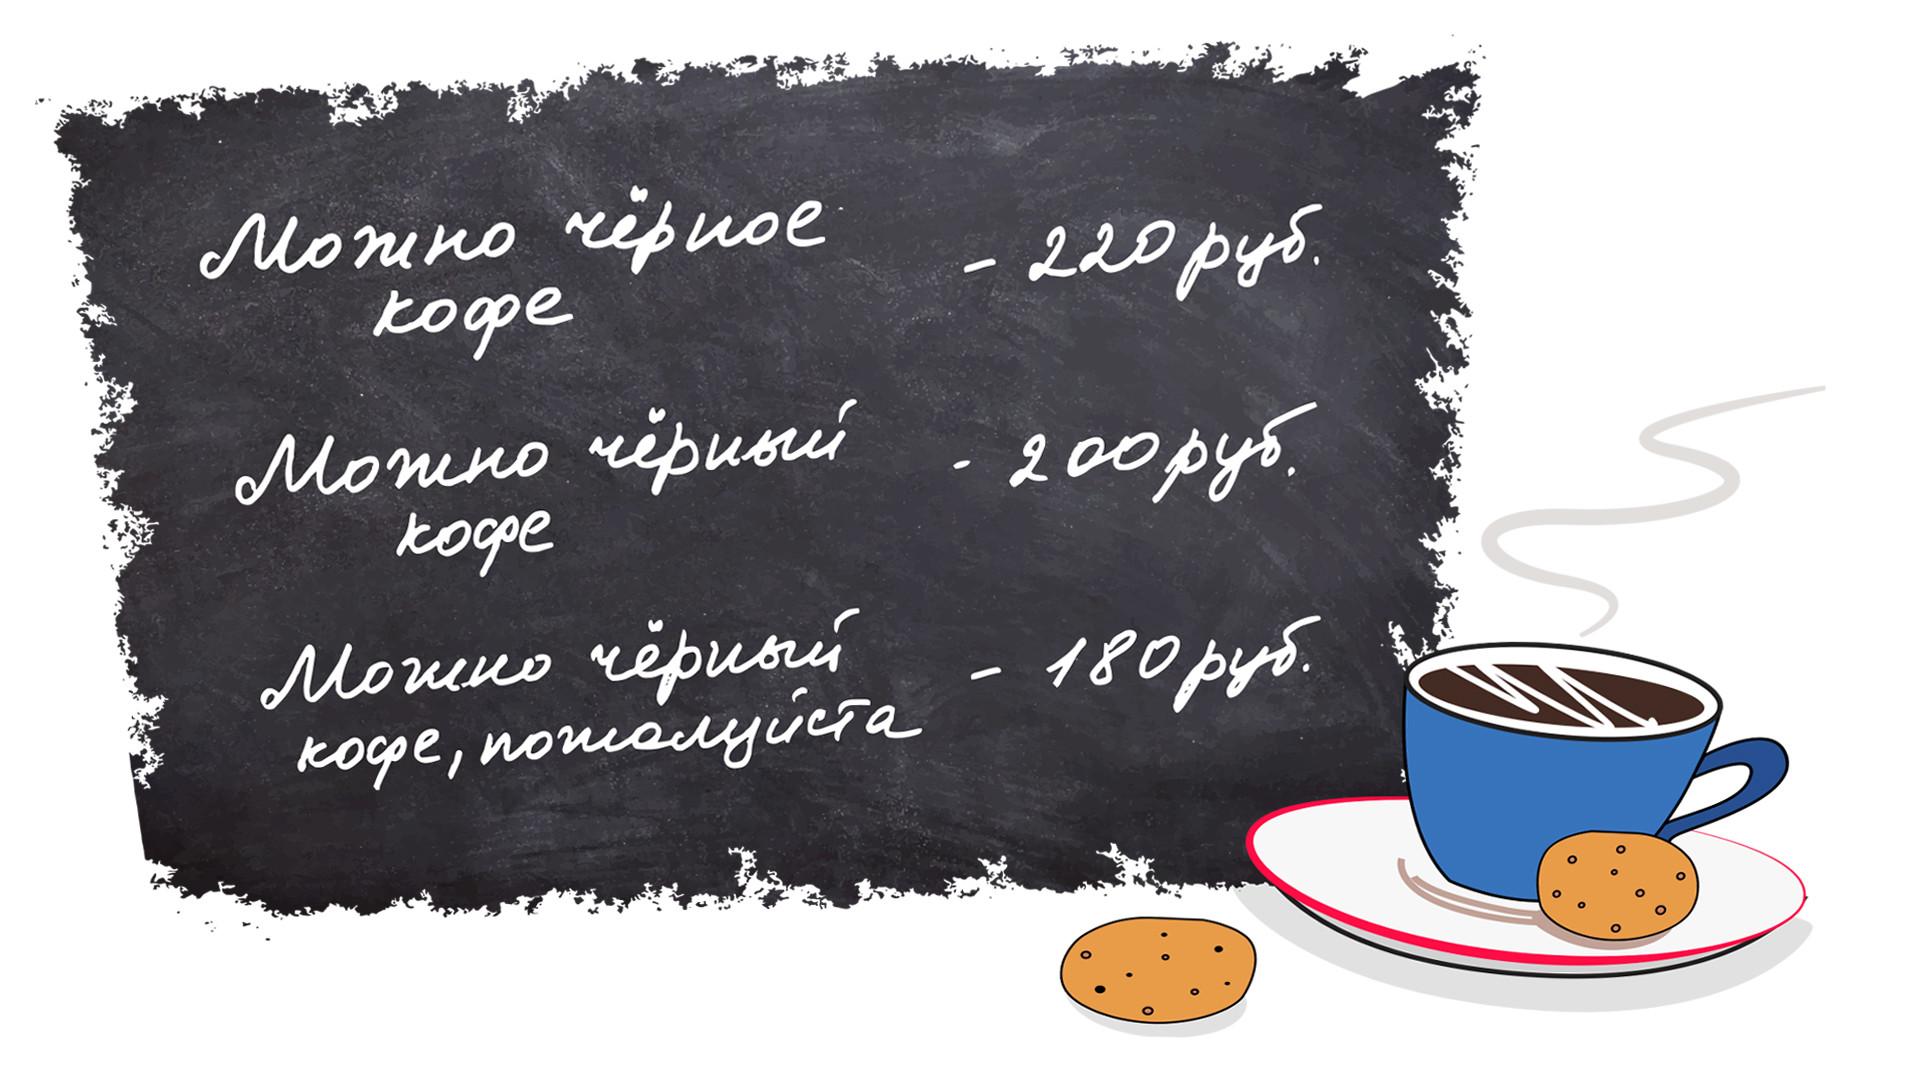 Décliné au neutre, le café noir coûte 220 roubles, au masculin – 200 roubles, et au masculin avec un « s'il vous plait » – 180 roubles.